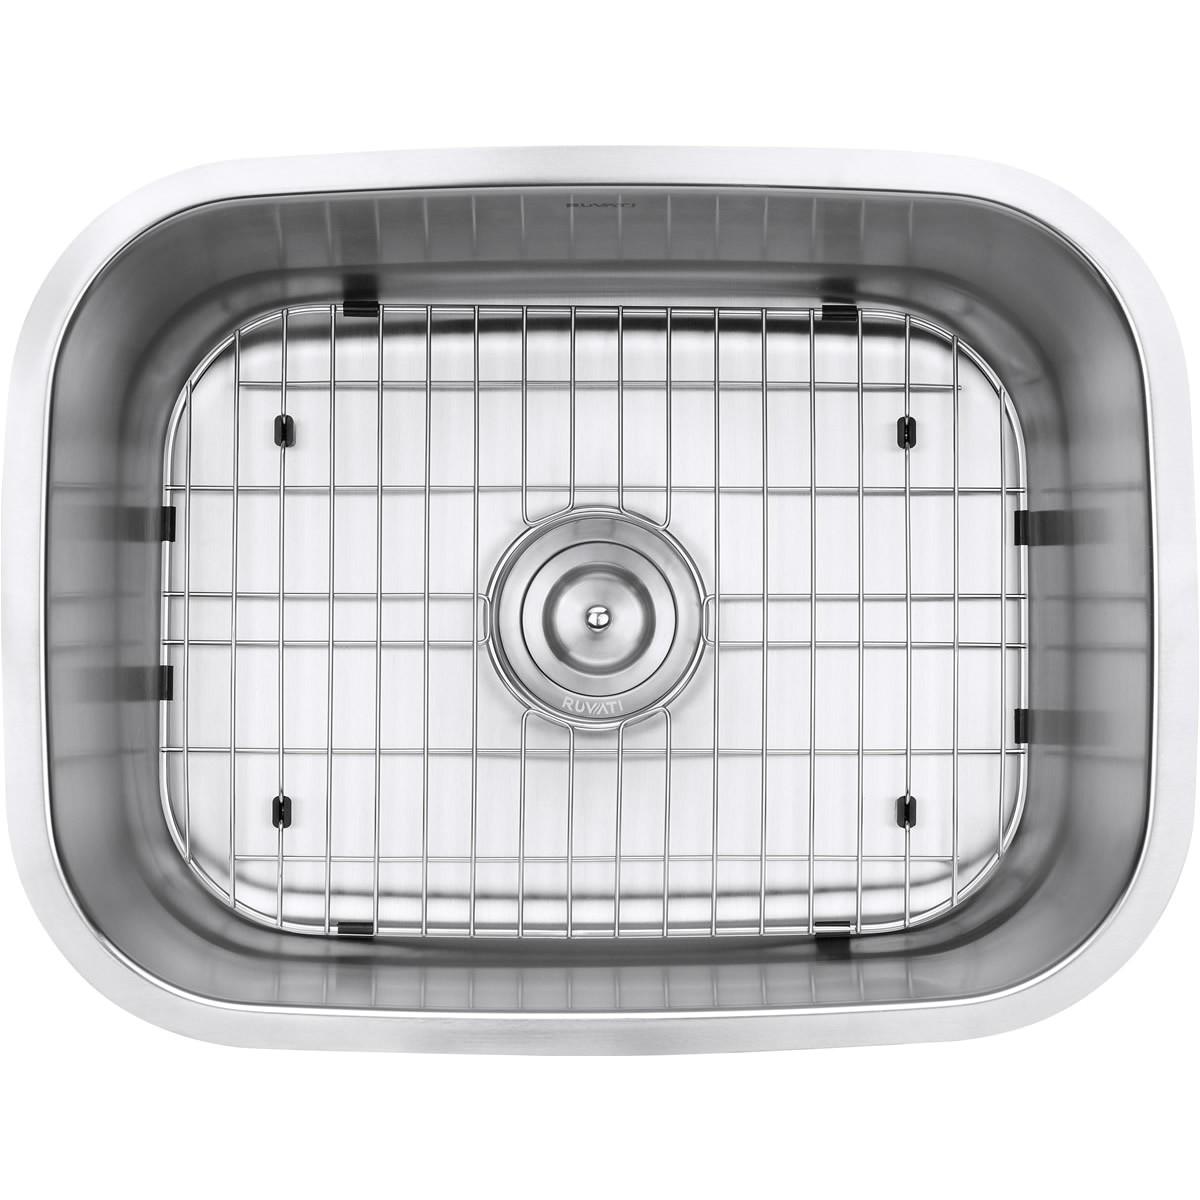 ruvati rvm4132 undermount 16 gauge 24 kitchen sink single bowl